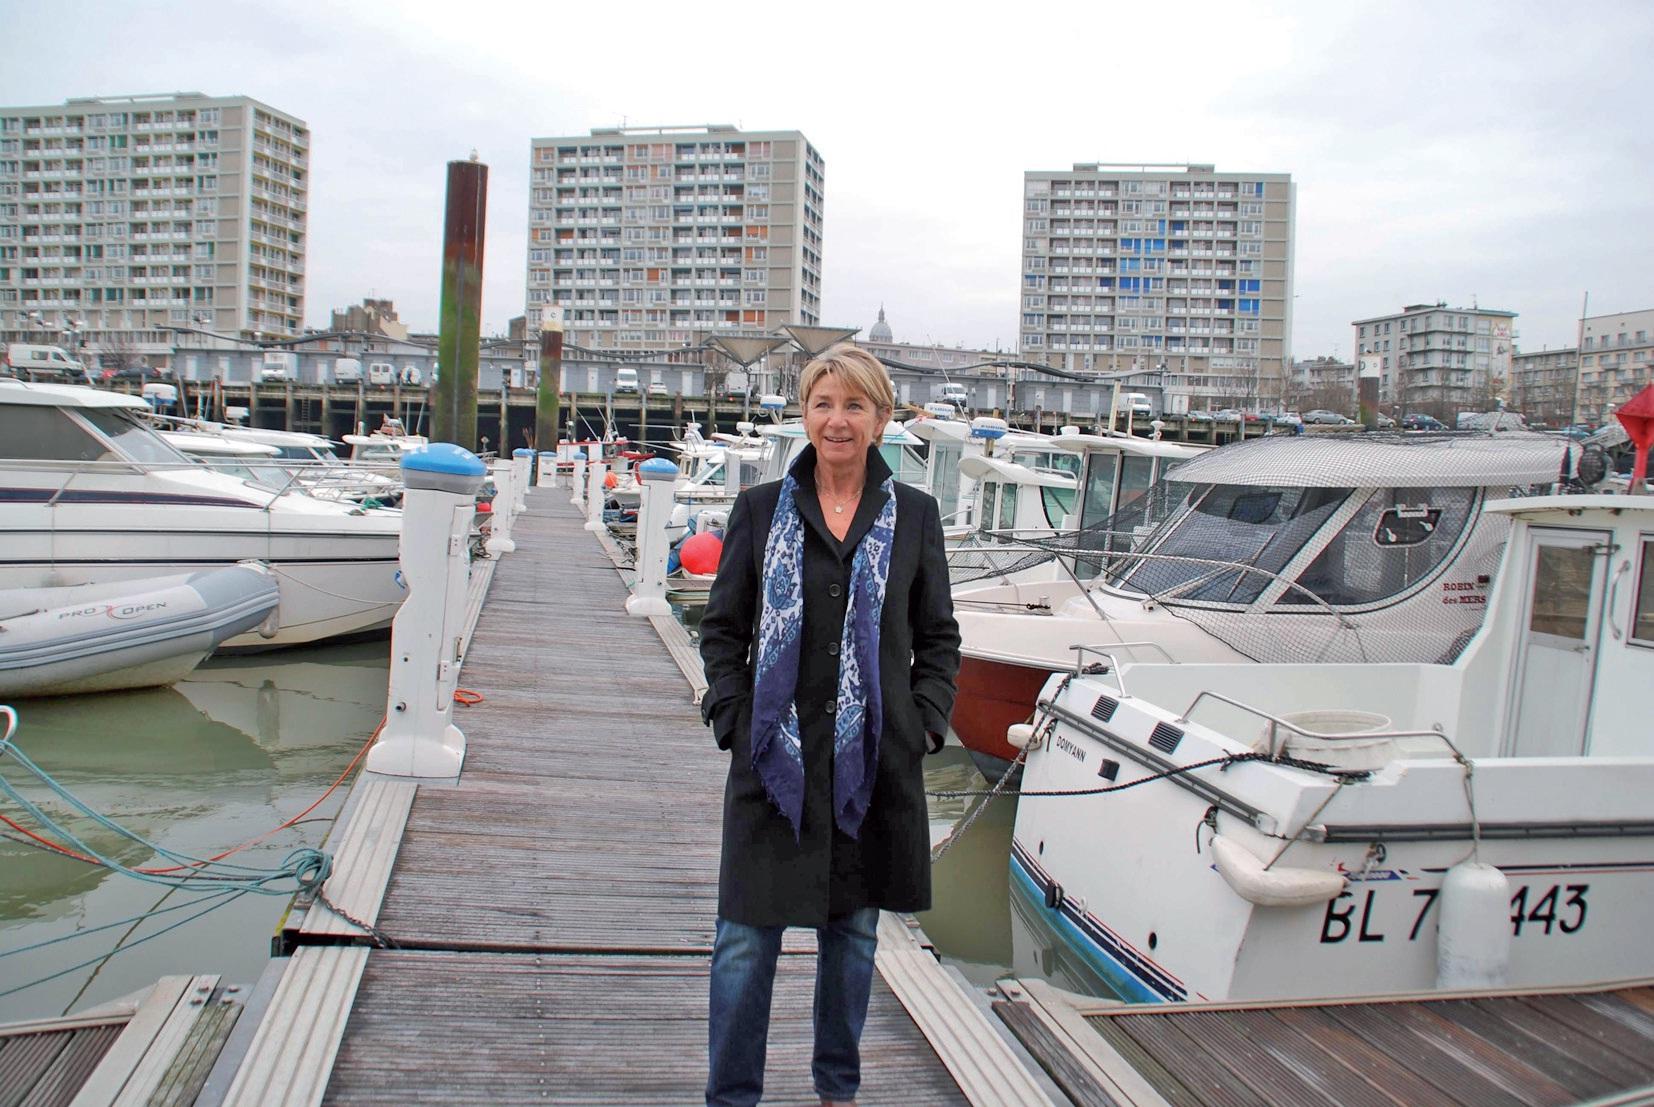 Animatrice du réseau Plaisance Côte d'Opale, Sylvie Logié sur les pontons du port de plaisance de Boulogne-sur-Mer.